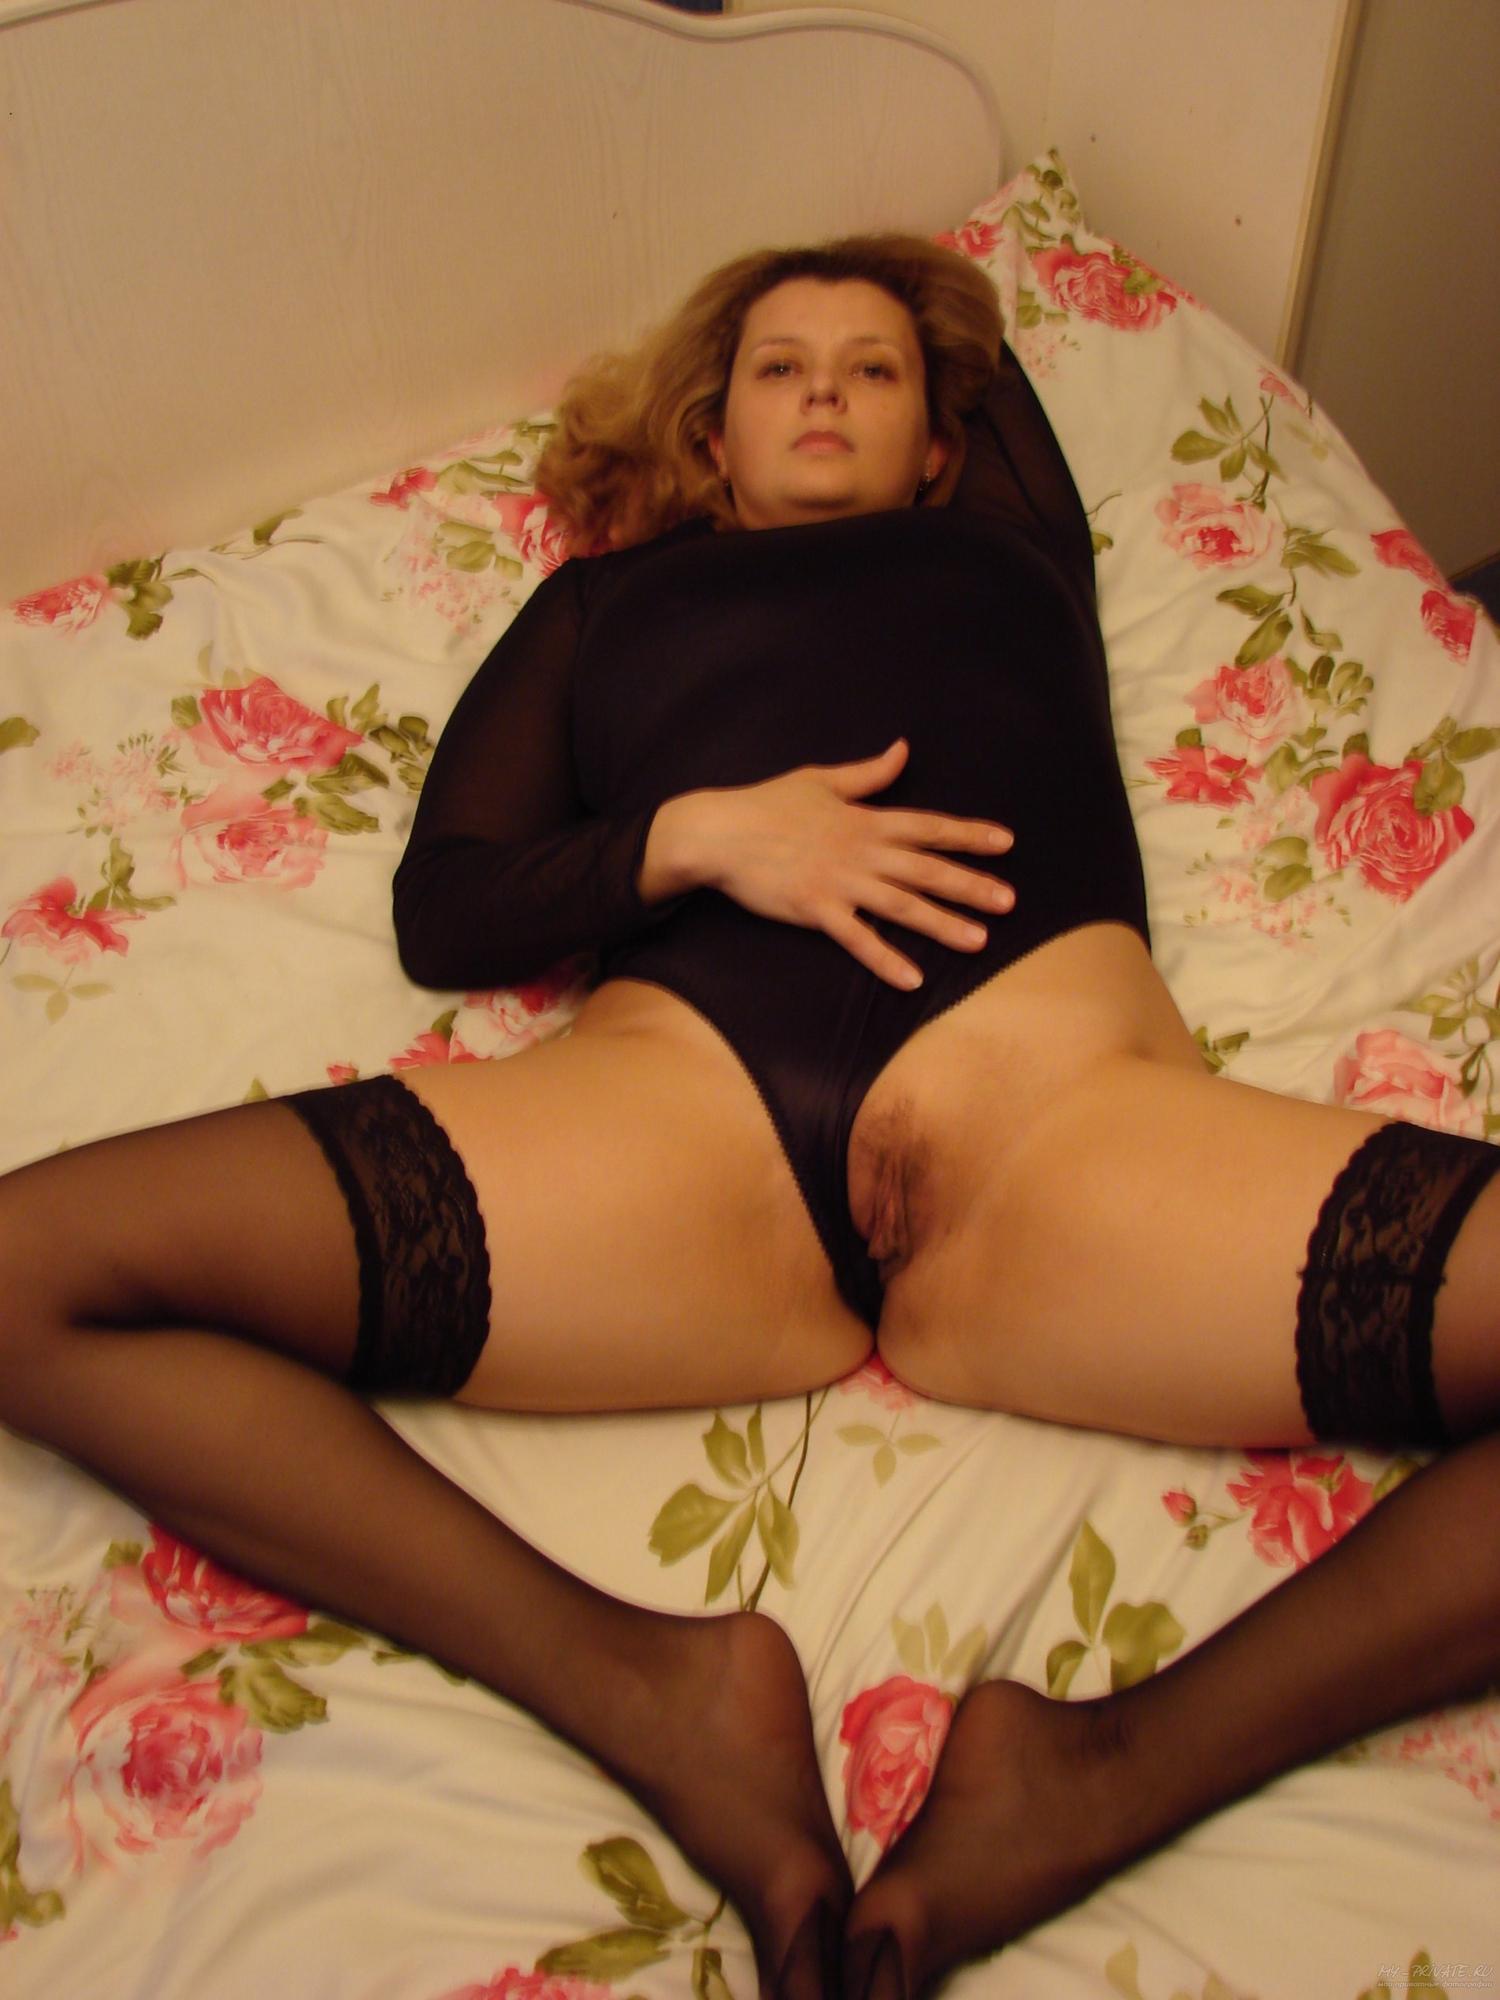 Мадам на кроватке забавляется со своей киской